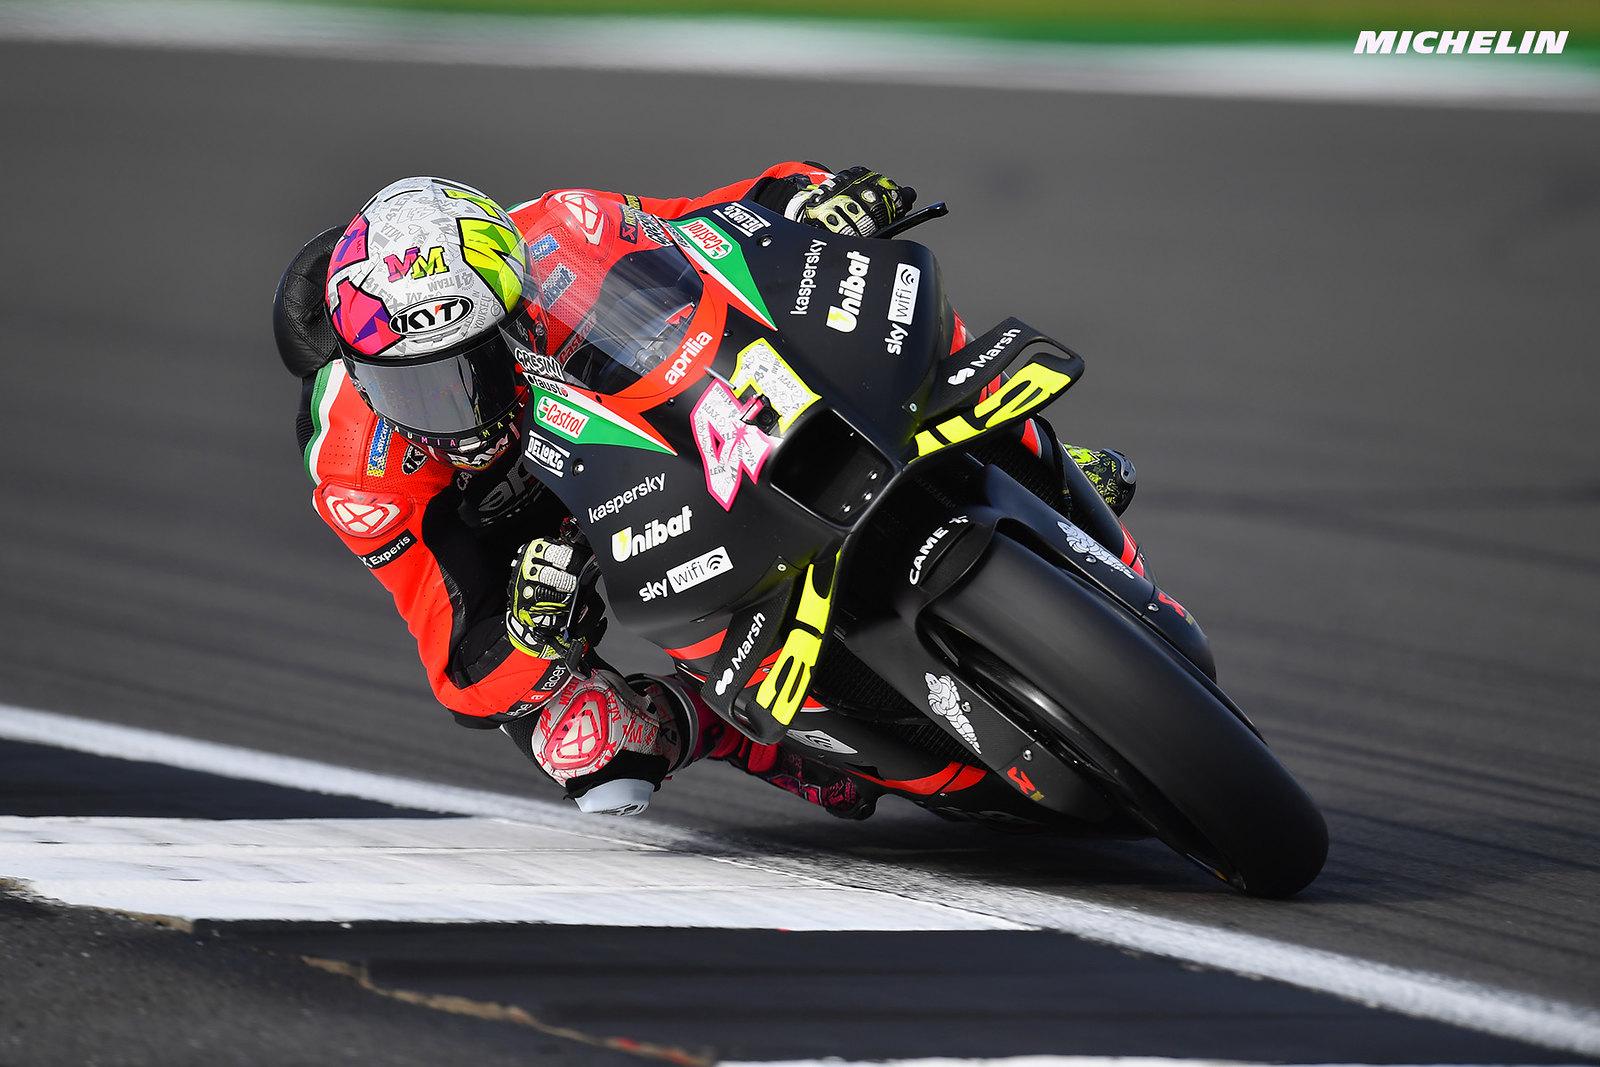 アプリリアレーシングCEO マッシモ・リヴォラ「この表彰台は到達点ではなくスタート地点」